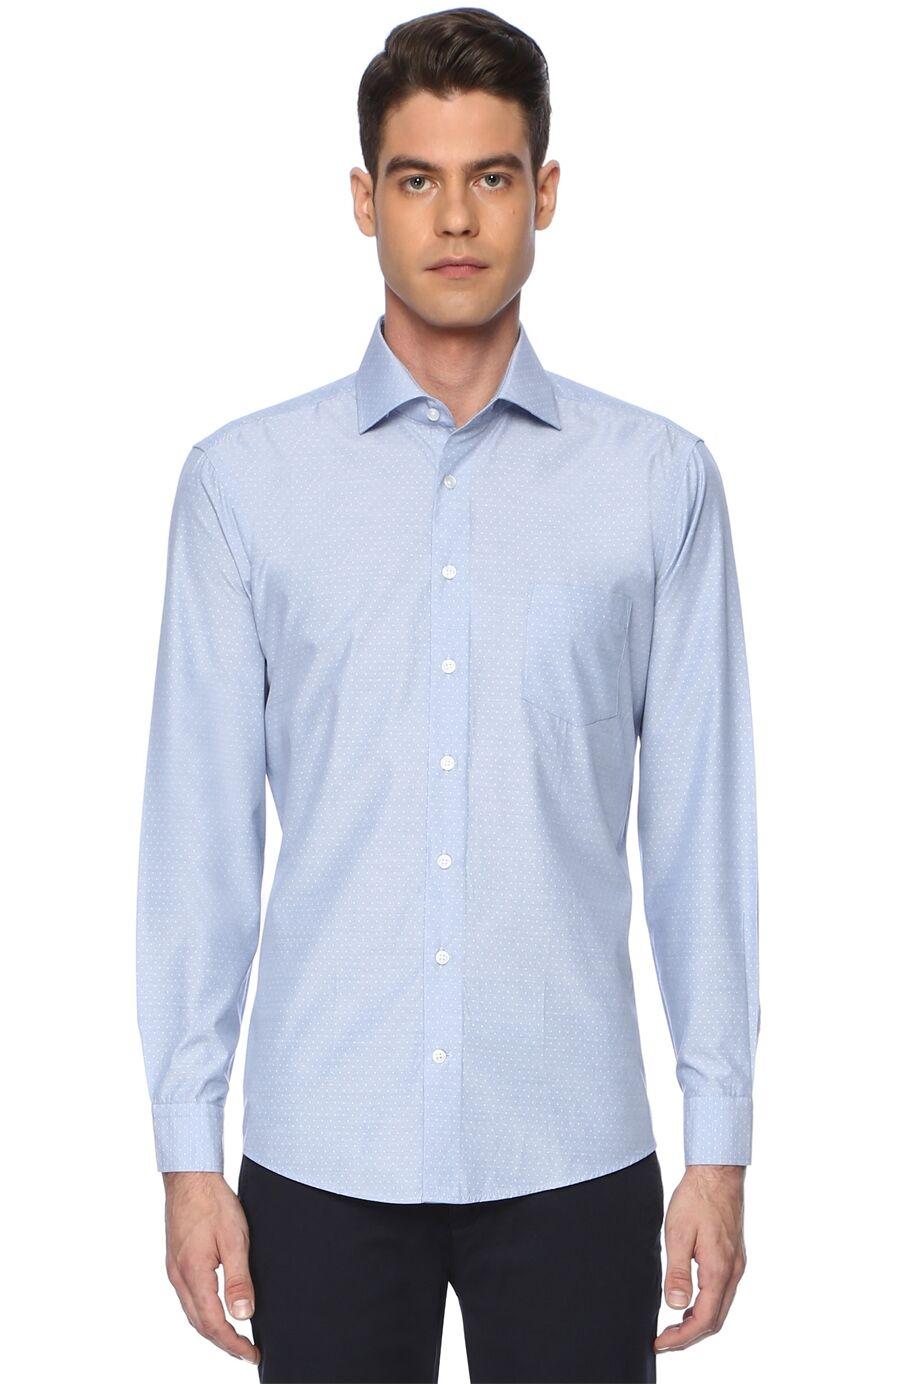 Jakarlı Mavi Gömlek